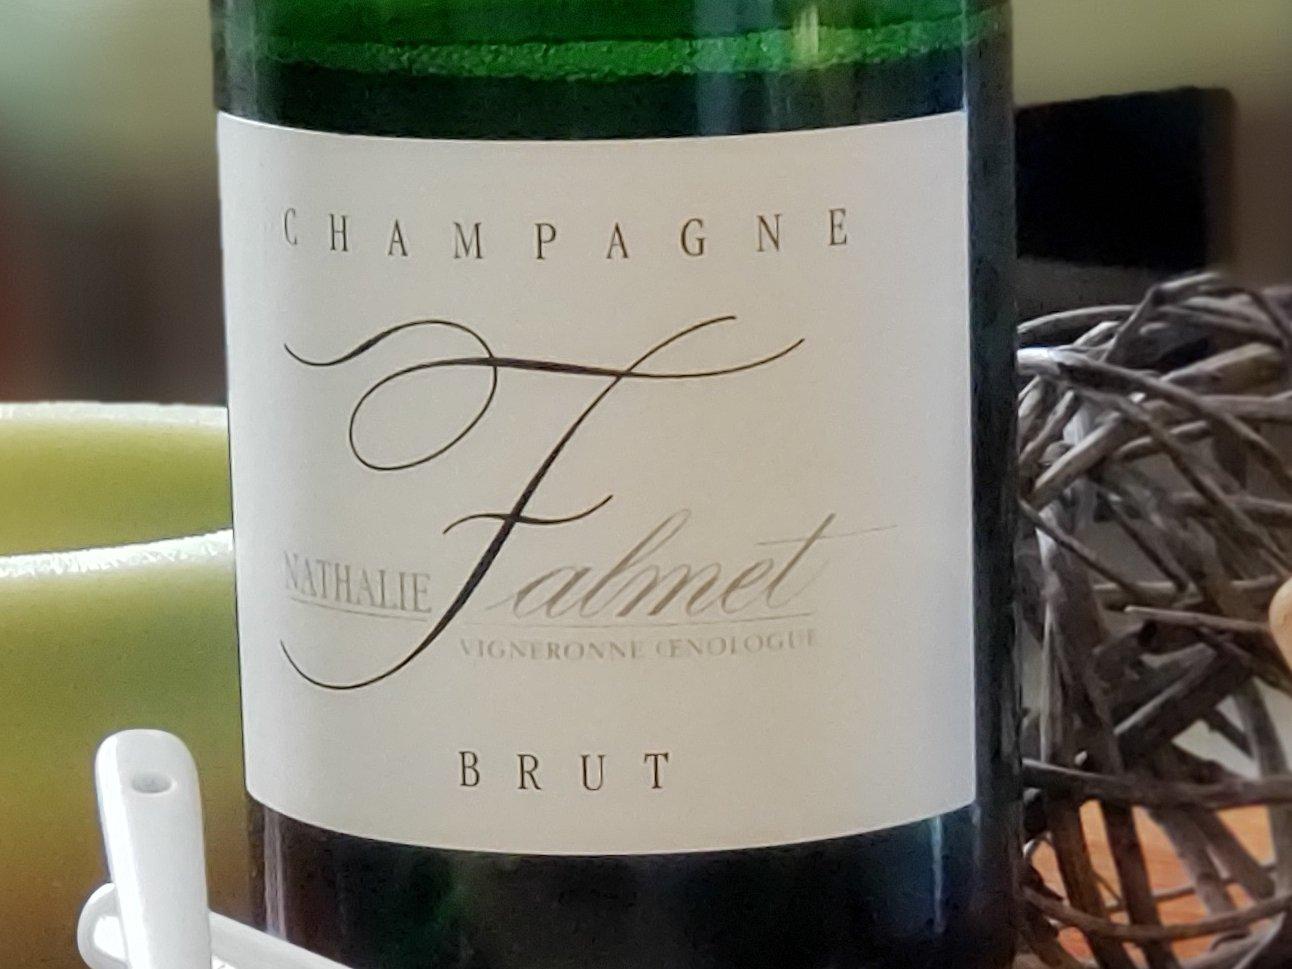 Champagne Nathalie Falmet - Vigneronne Oenologue